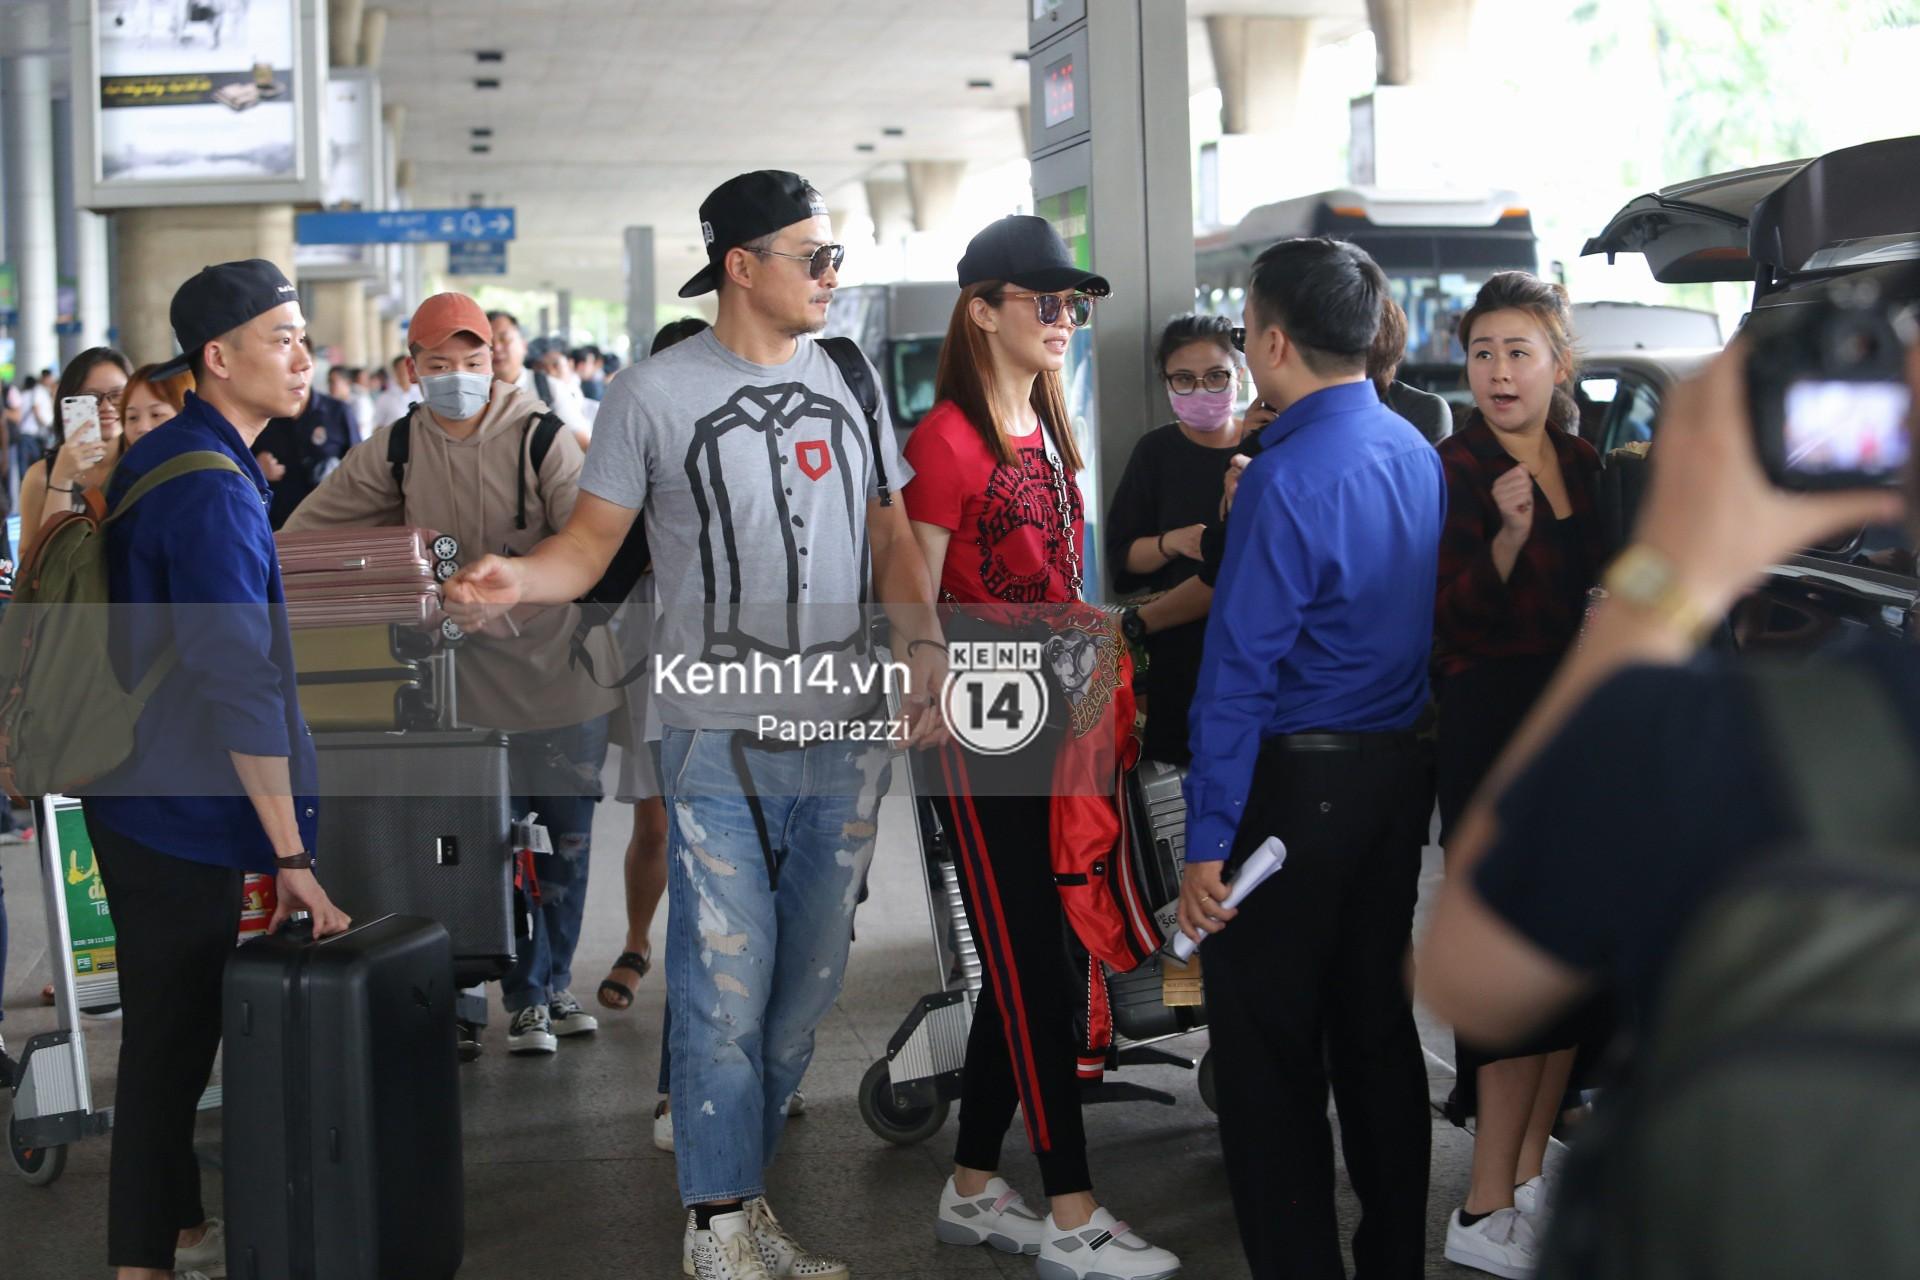 Vợ chồng Phạm Văn Phương - Lý Minh Thuận tay trong tay xuất hiện tại sân bay Tân Sơn Nhất 6